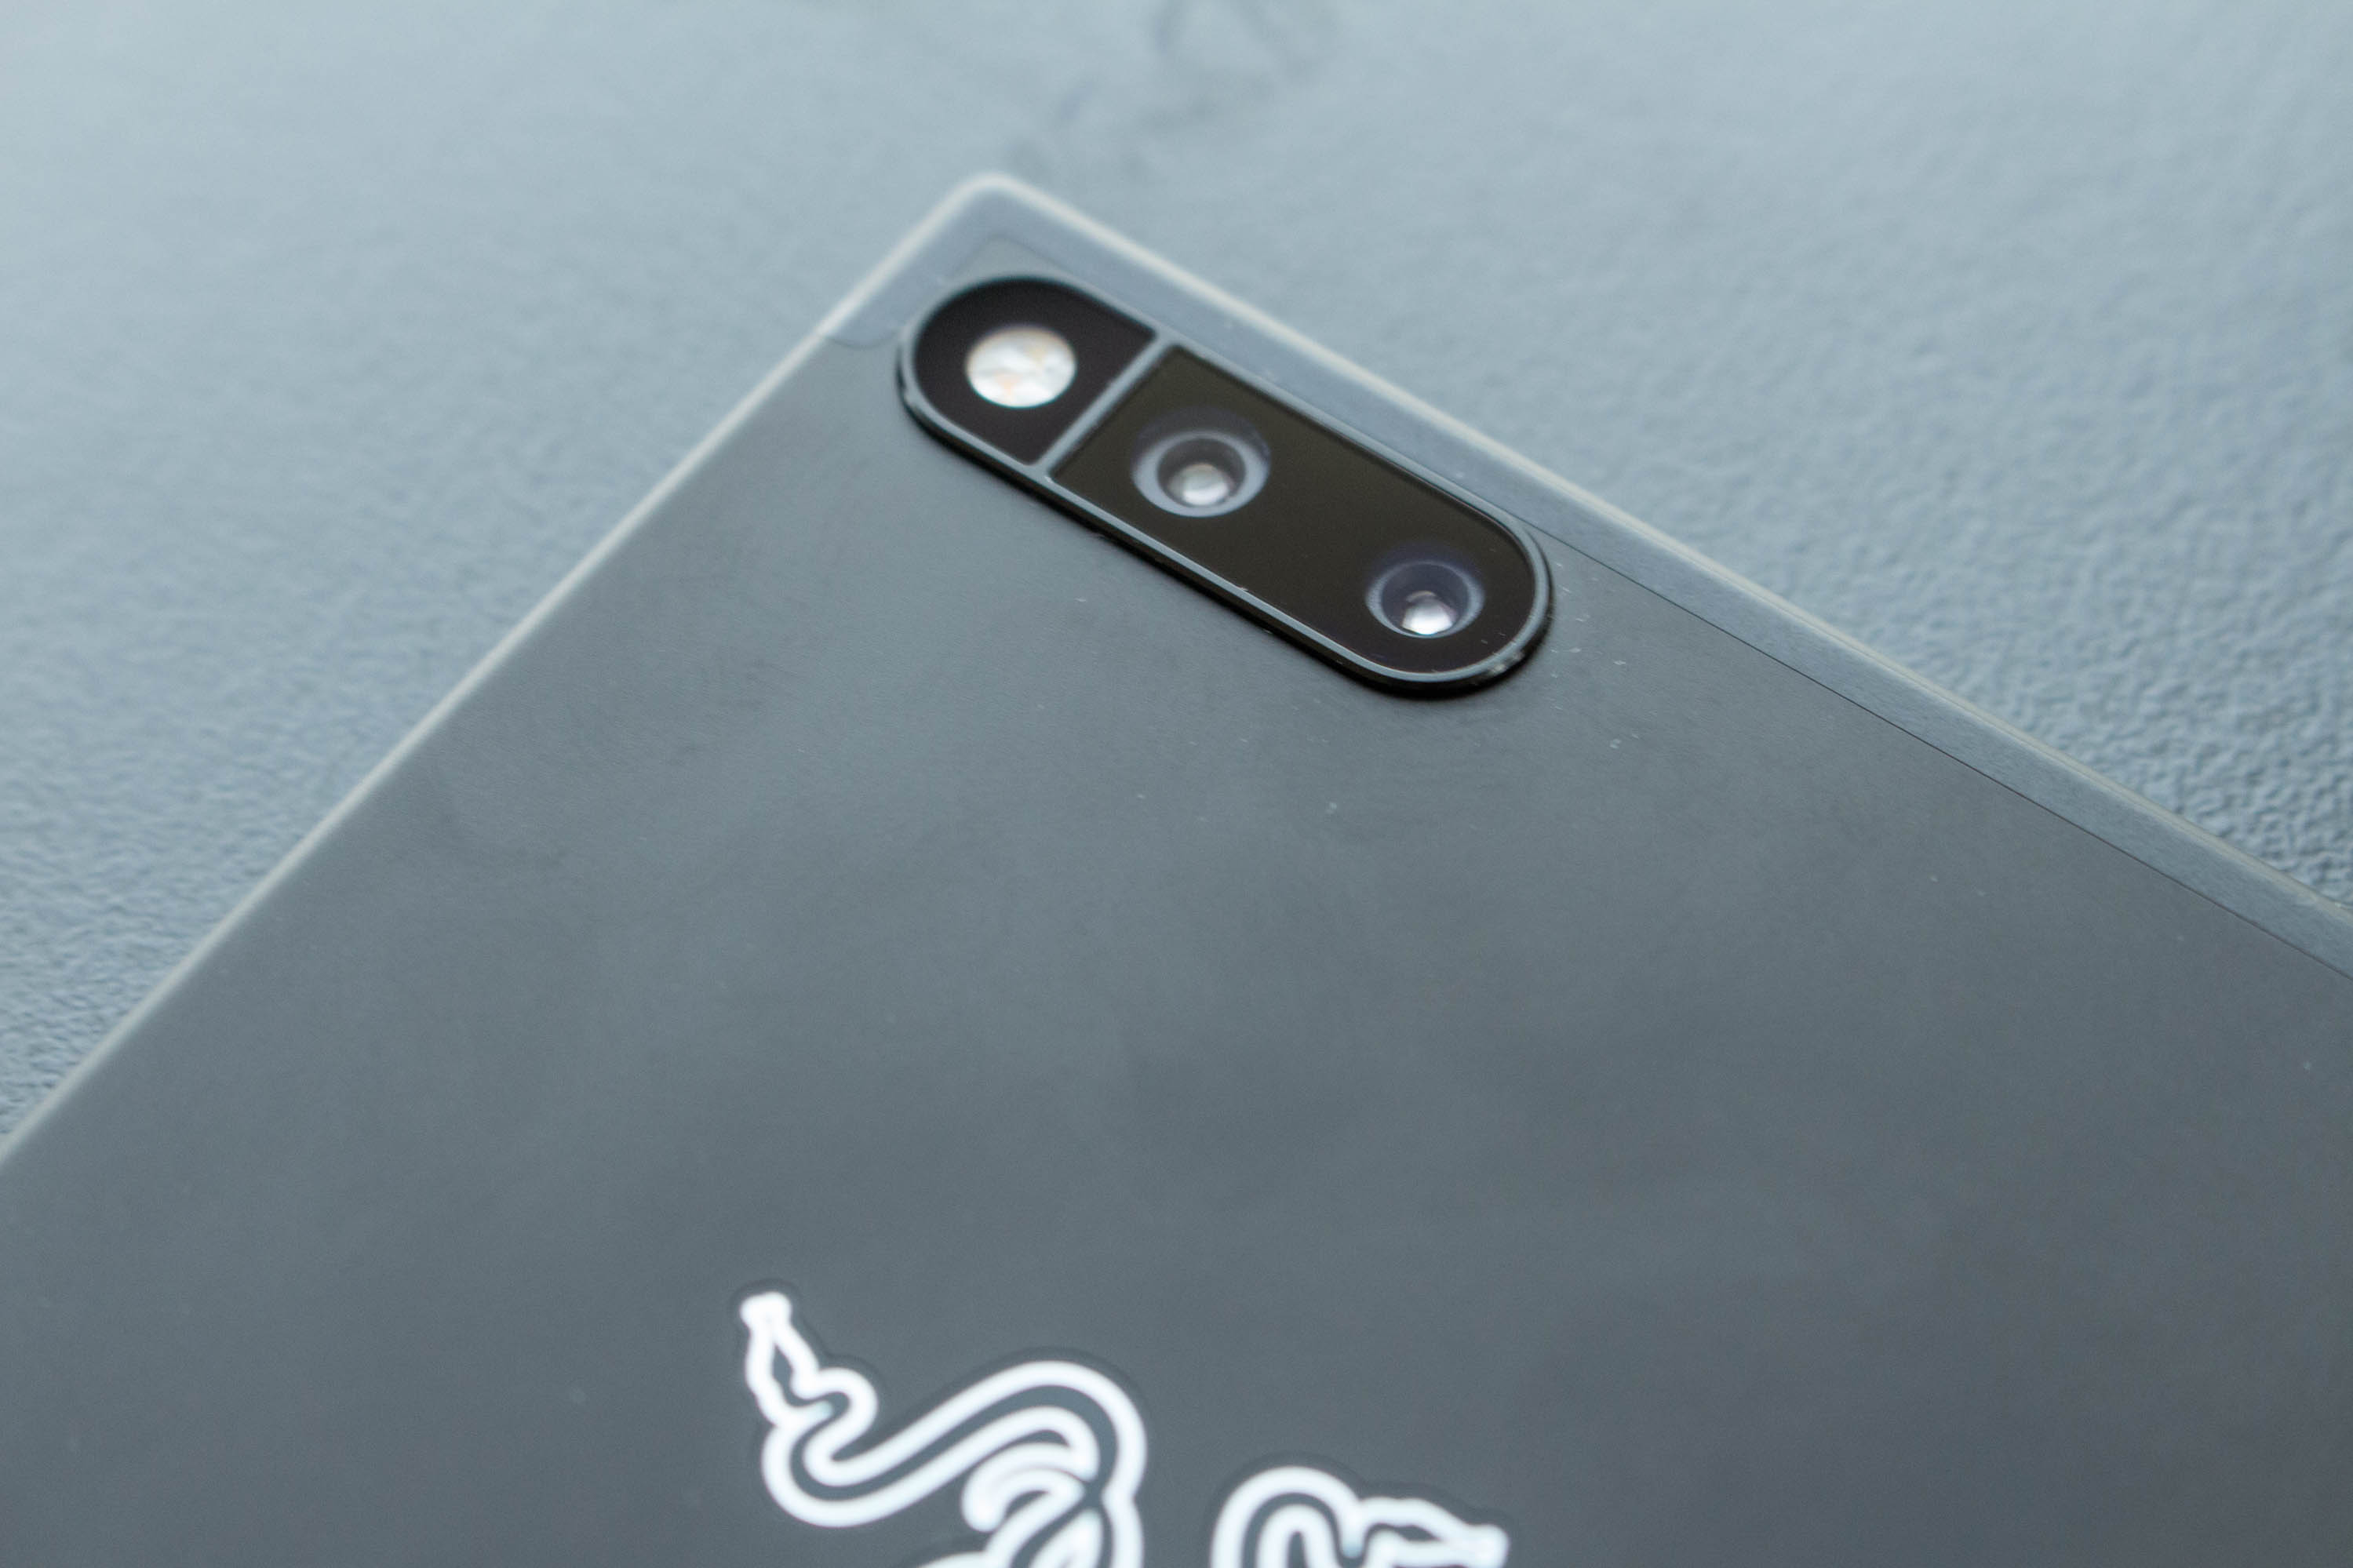 Razer Phone im Hands on: Razers 120-Hertz-Smartphone für Gamer kostet 750 Euro - Die Dual-Kamera hat zwei Brennweiten. (Bild: Martin Wolf/Golem.de)